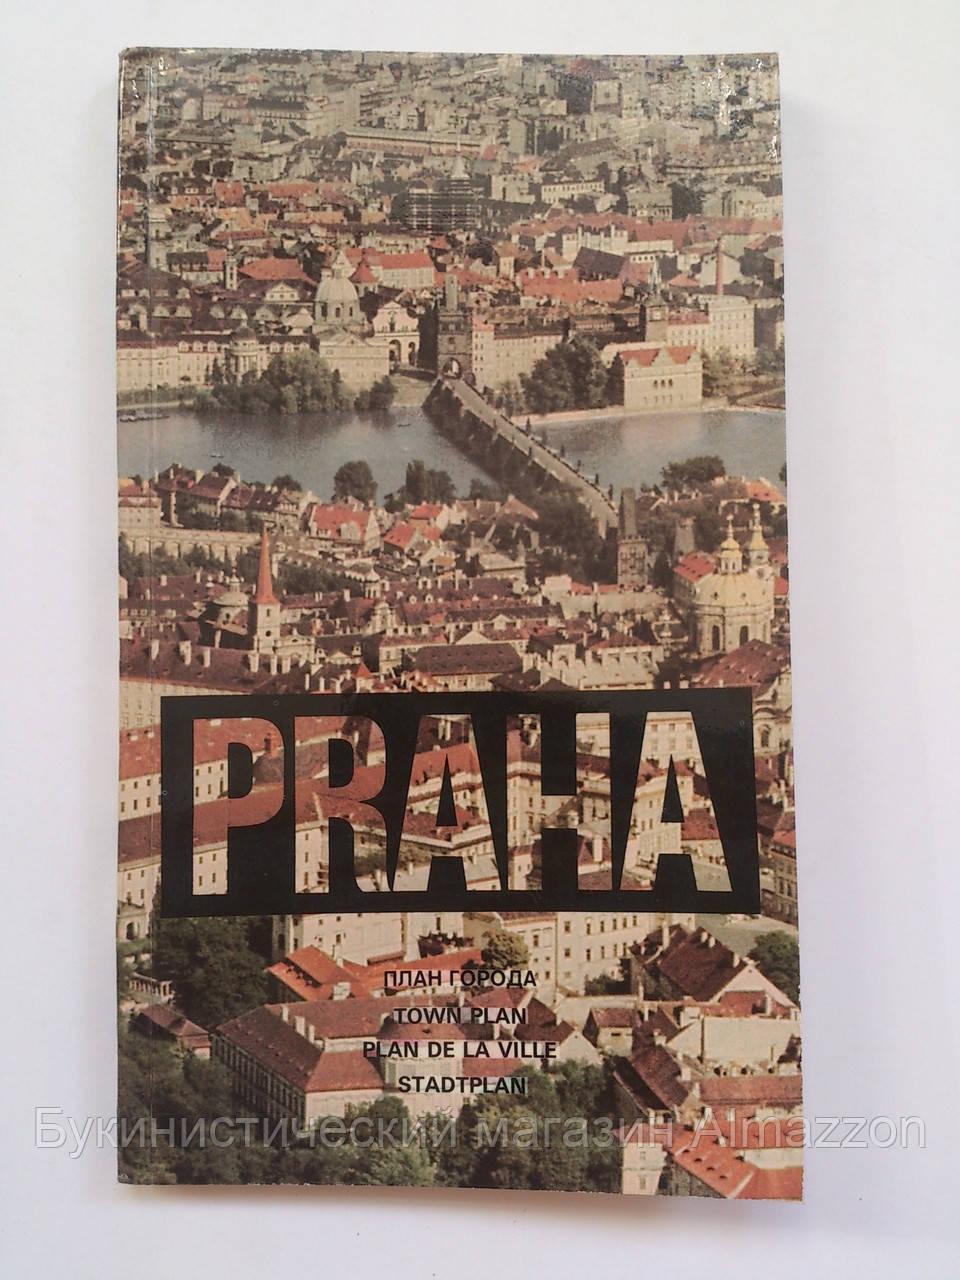 Прага (Praha). План города 1:18000. 1973 год